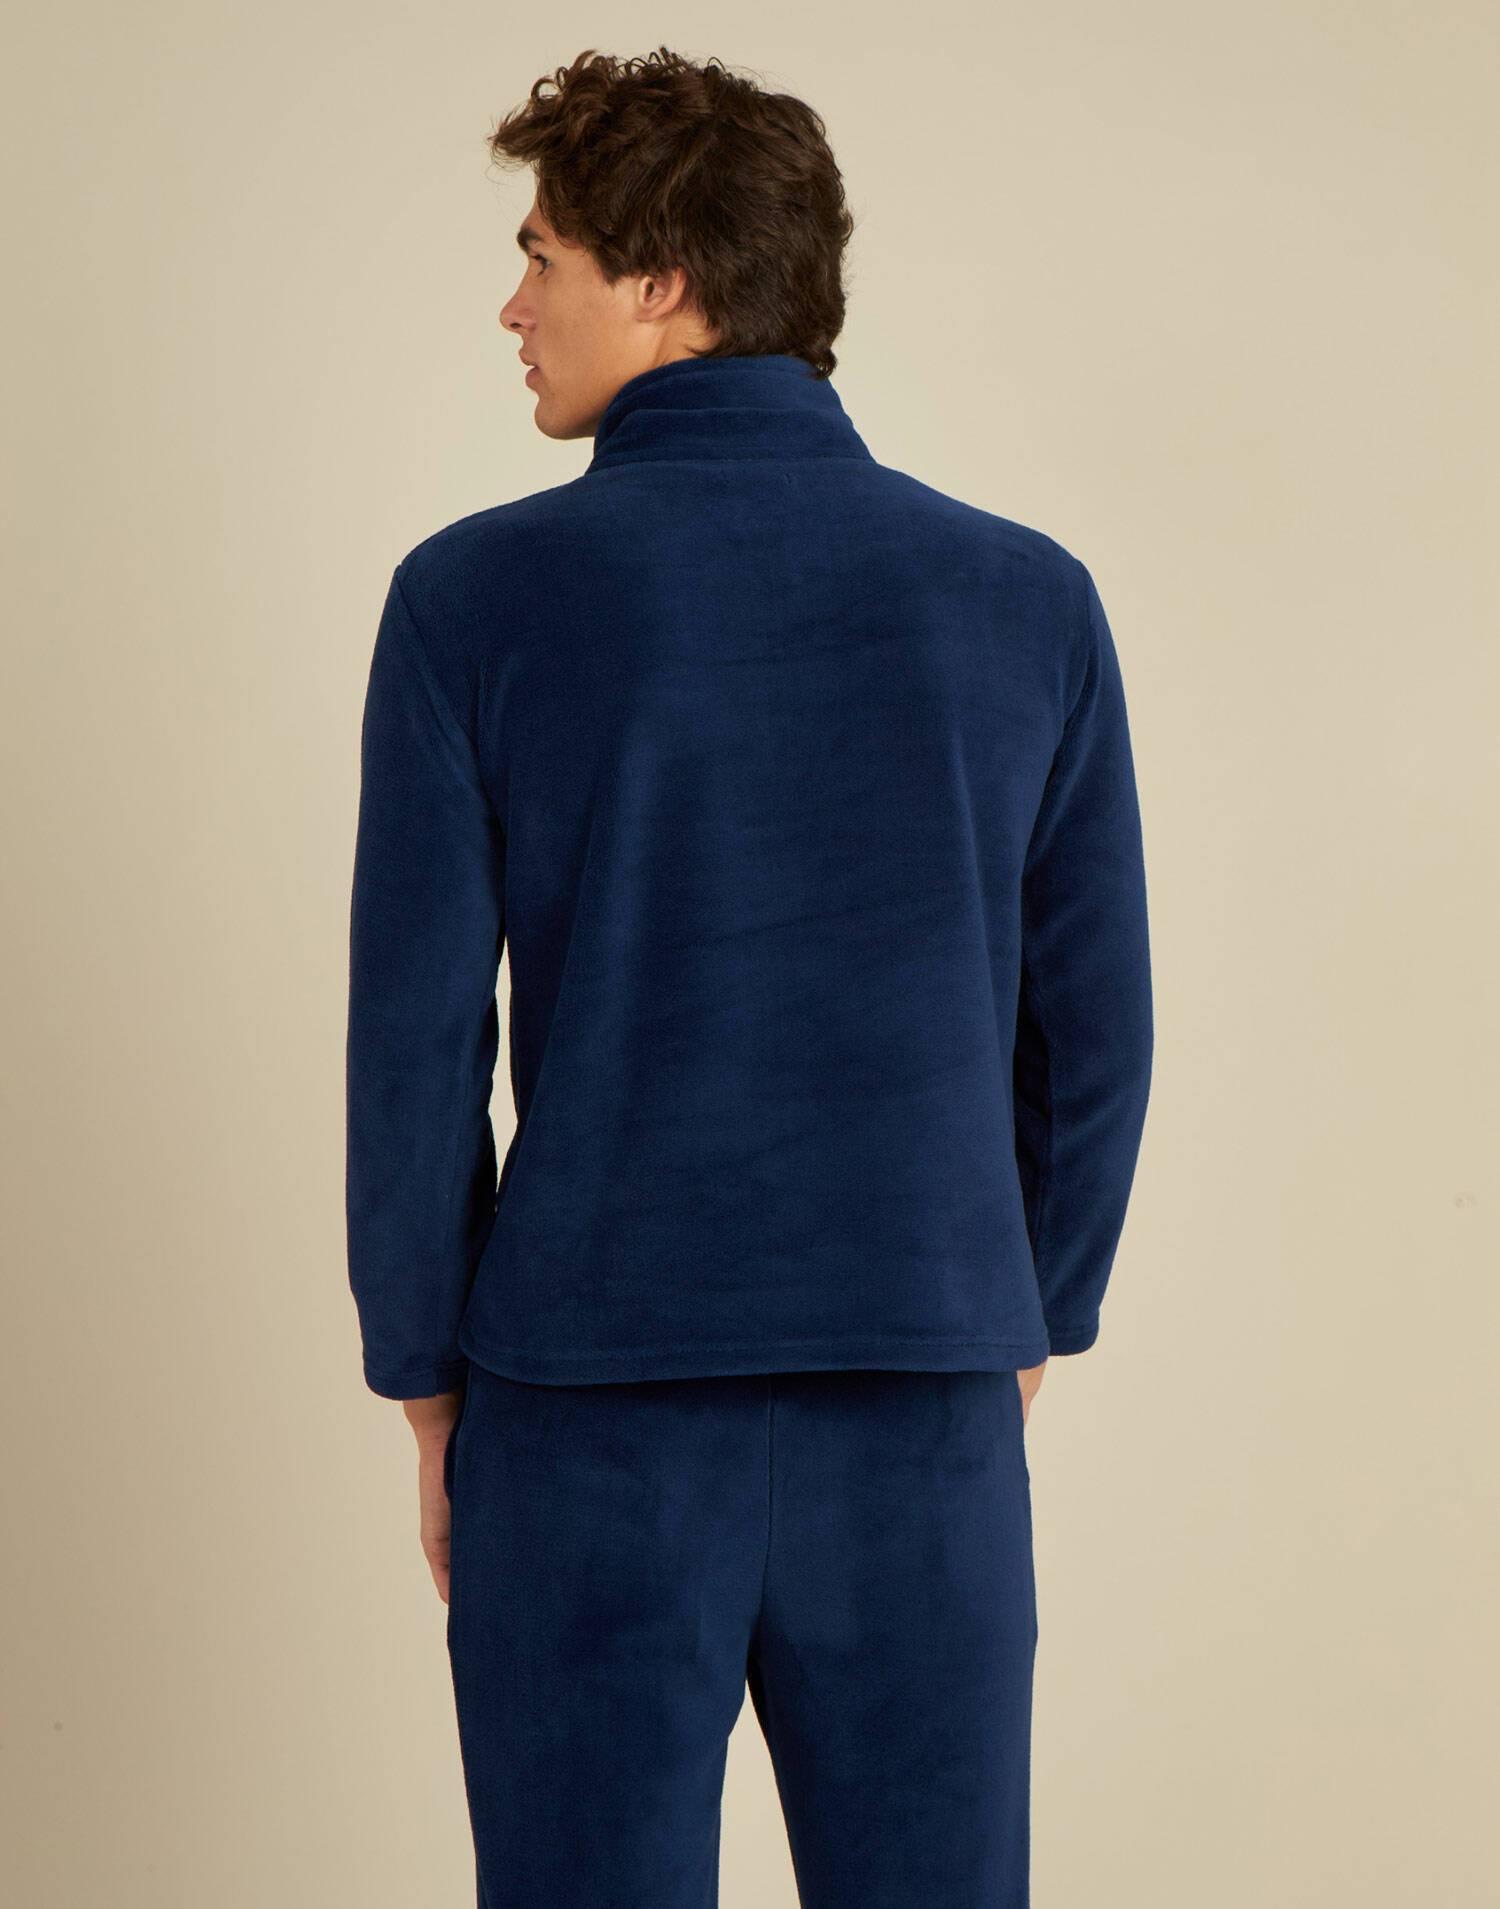 Men's fleece sweatshirt